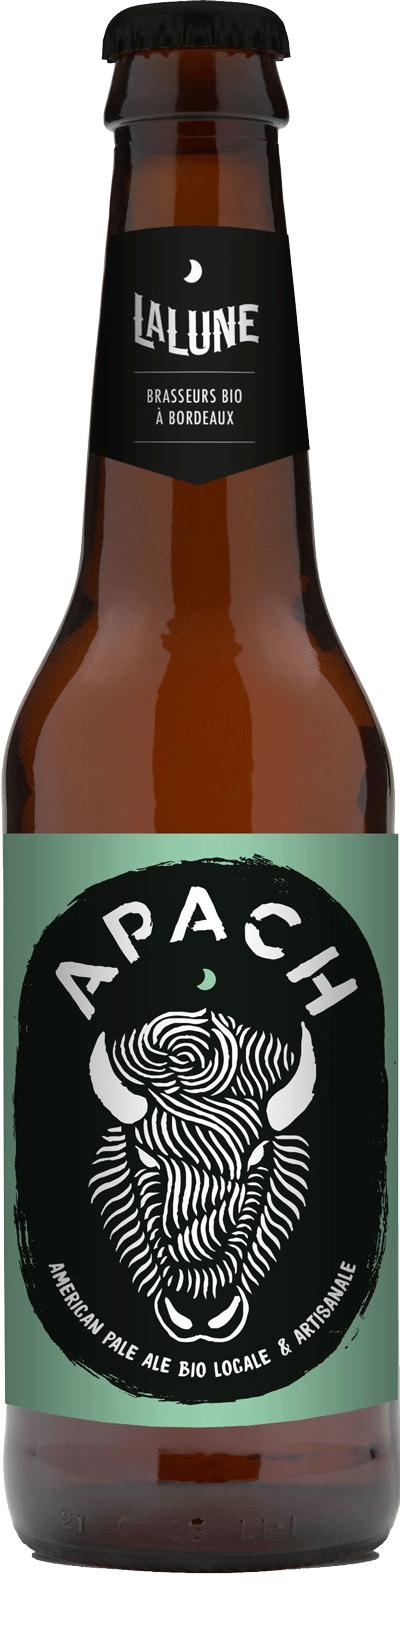 Bière-Apach-blonde-notes-fruits-exotiques